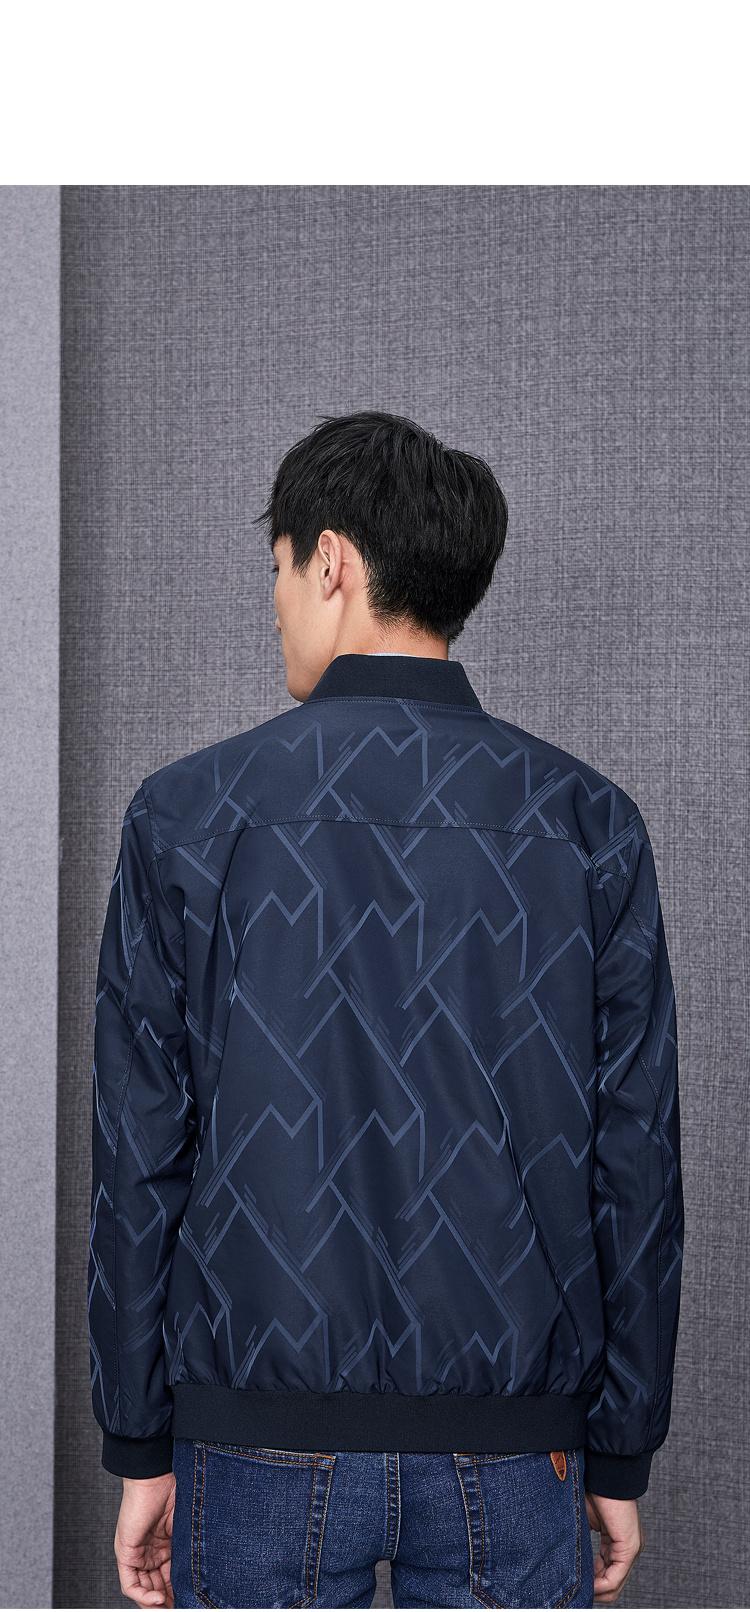 HLA Haishu Nhà bóng chày cổ áo mô hình hình học áo khoác 2018 mùa thu mới thoải mái giản dị áo khoác nam